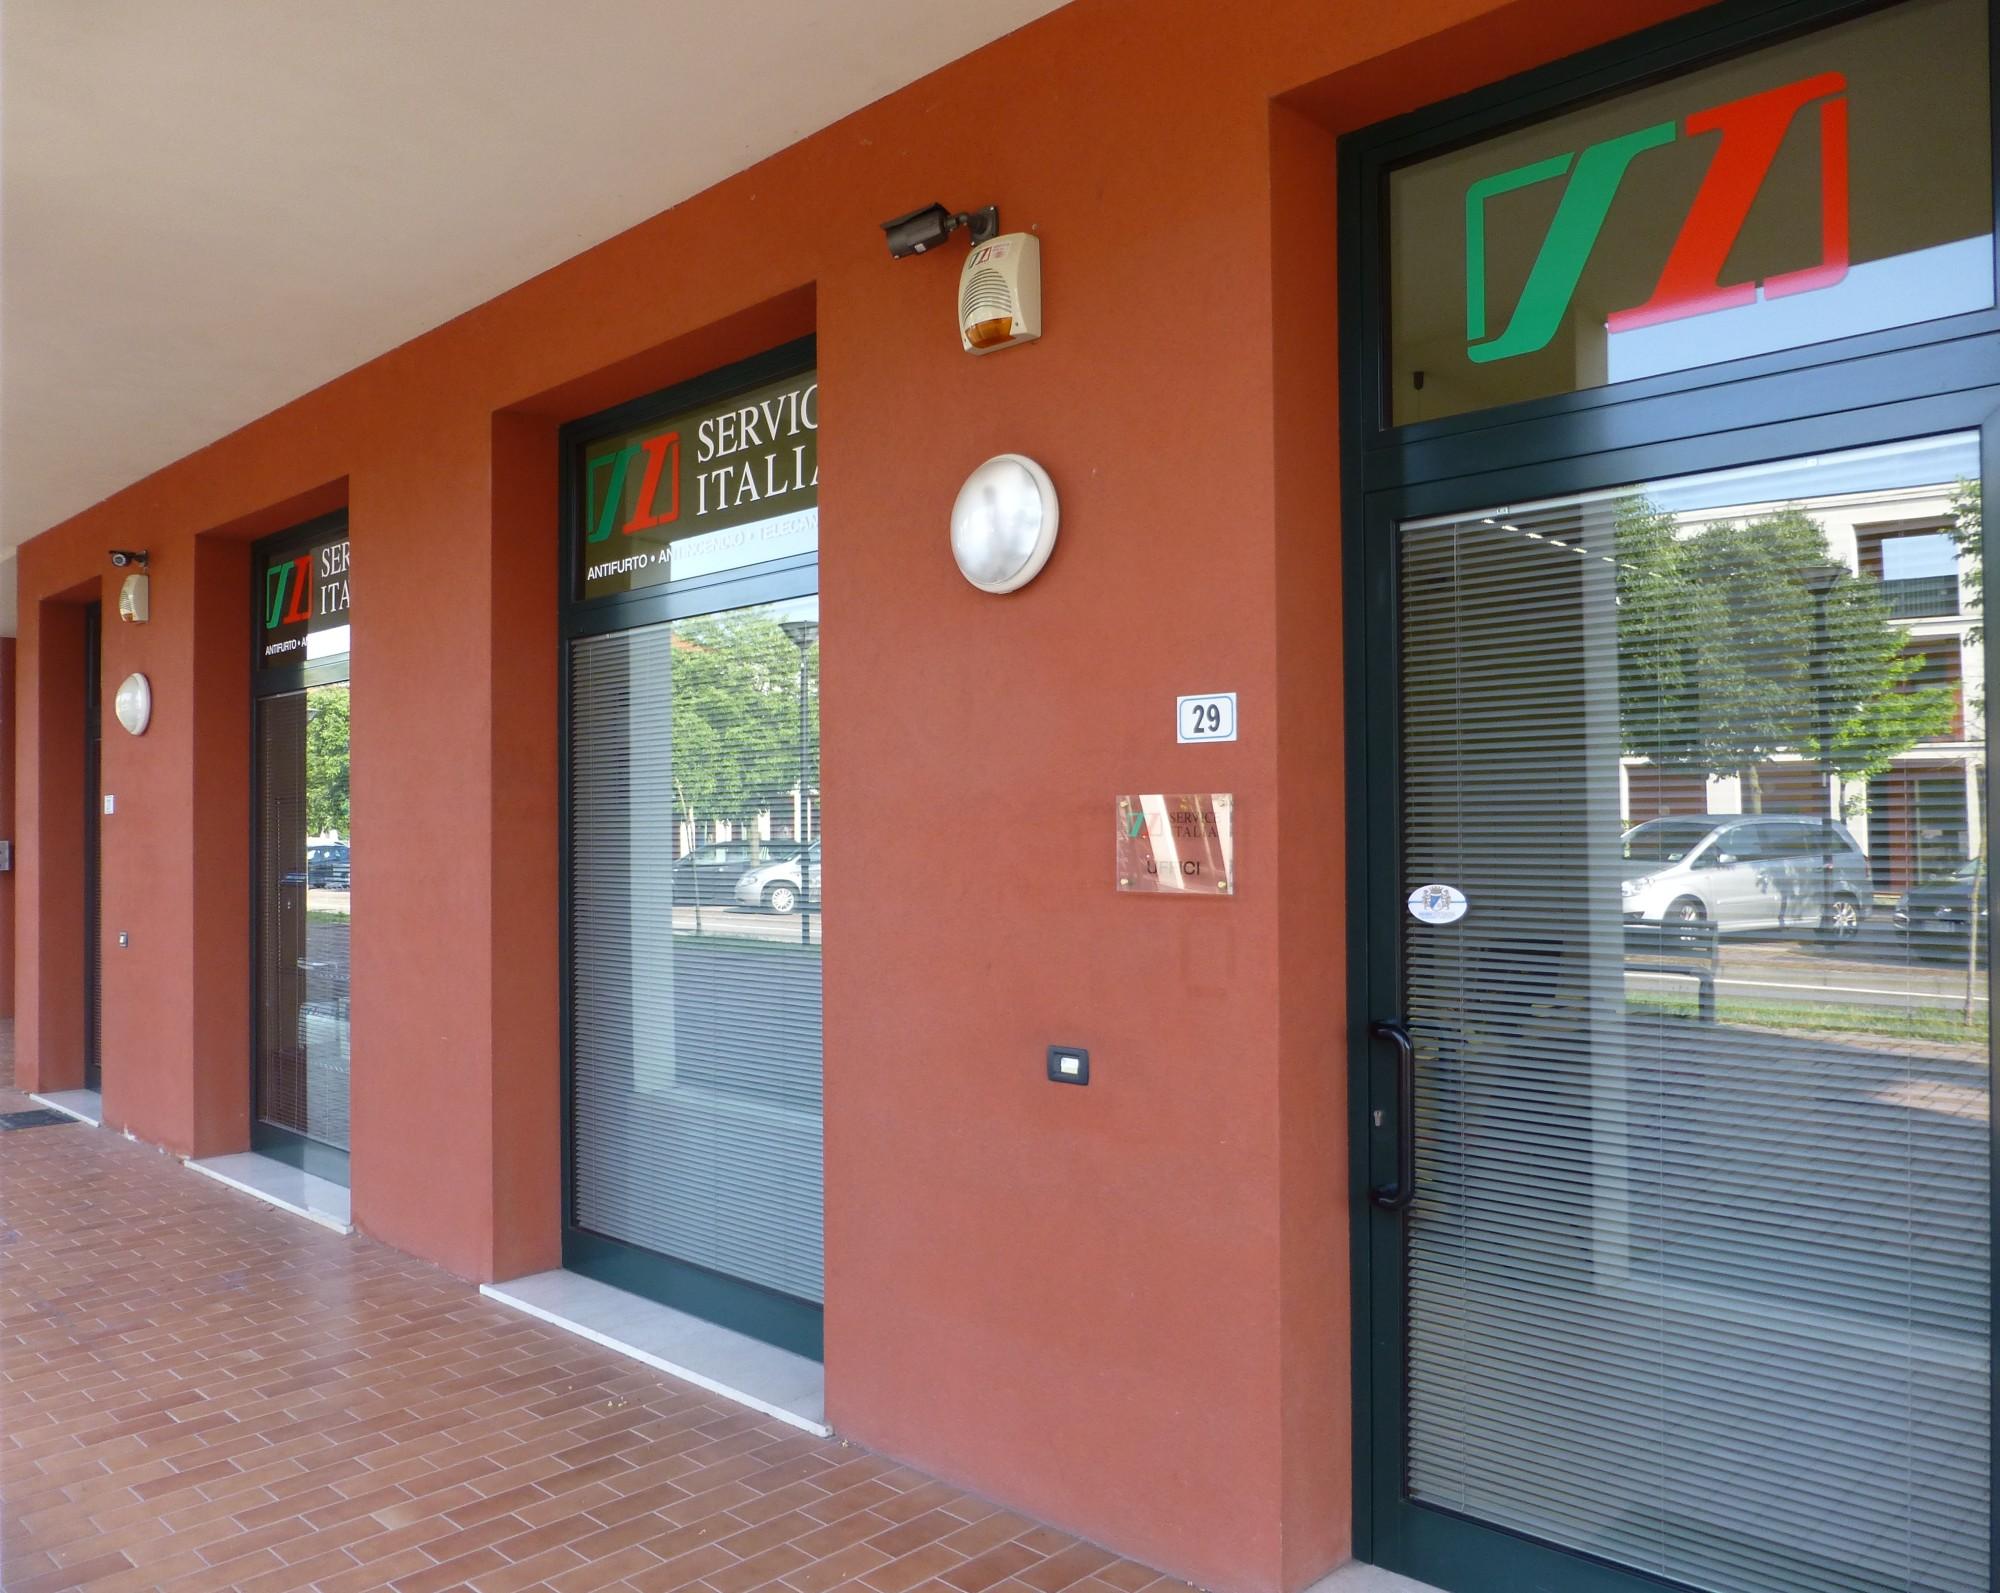 la sede Service Italia di San Zeno Naviglio